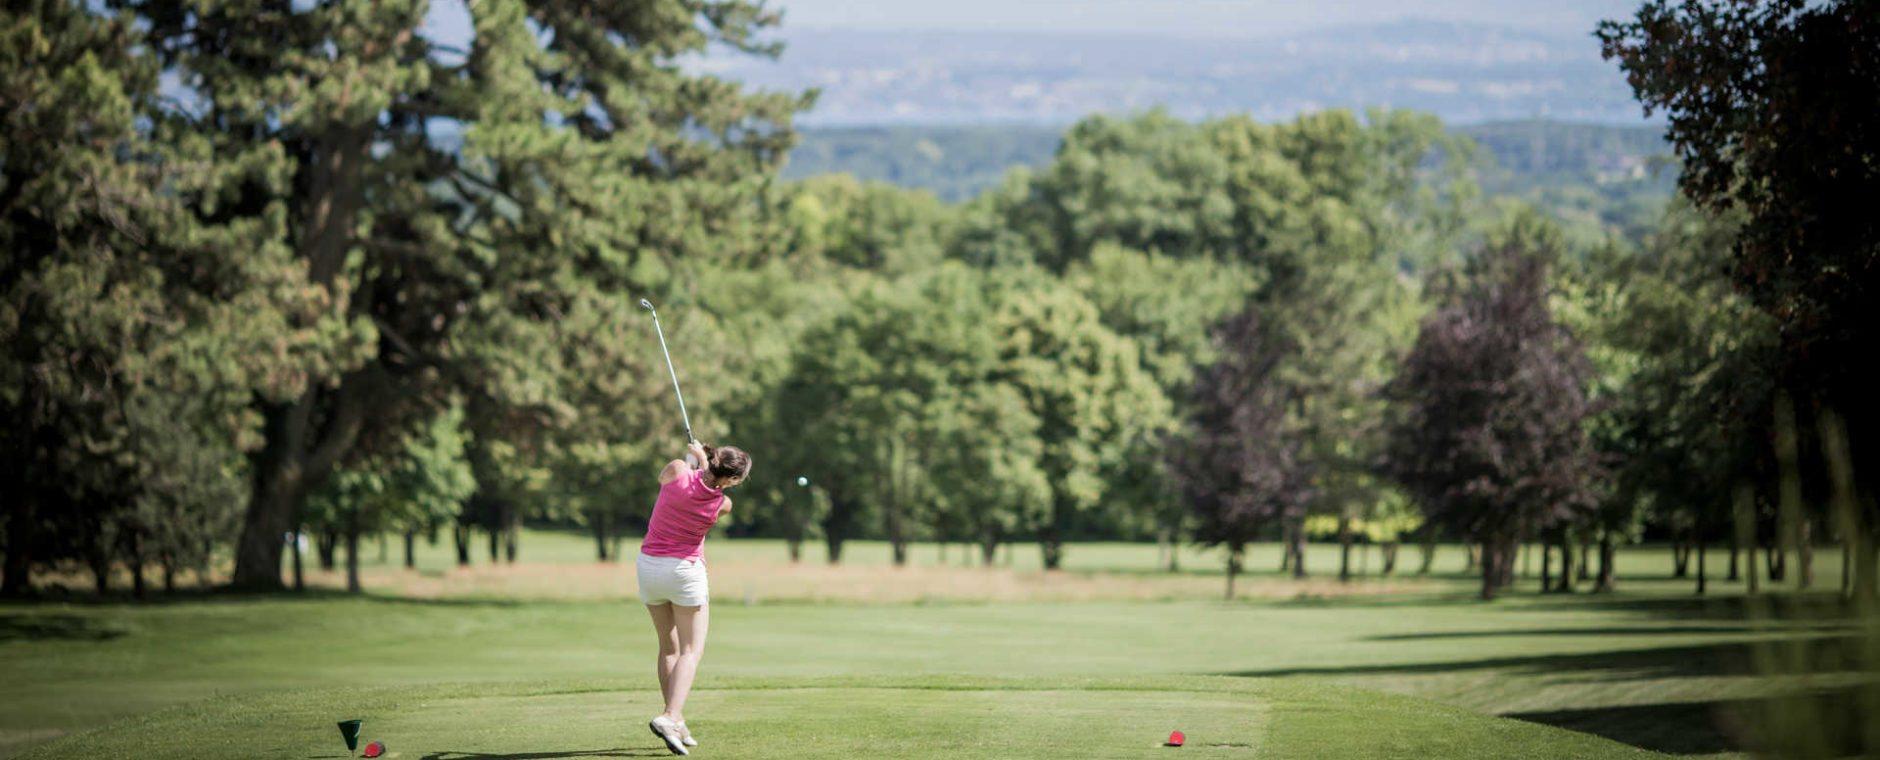 Tournoi de golf mixtes Golf & Country Club Bonmont